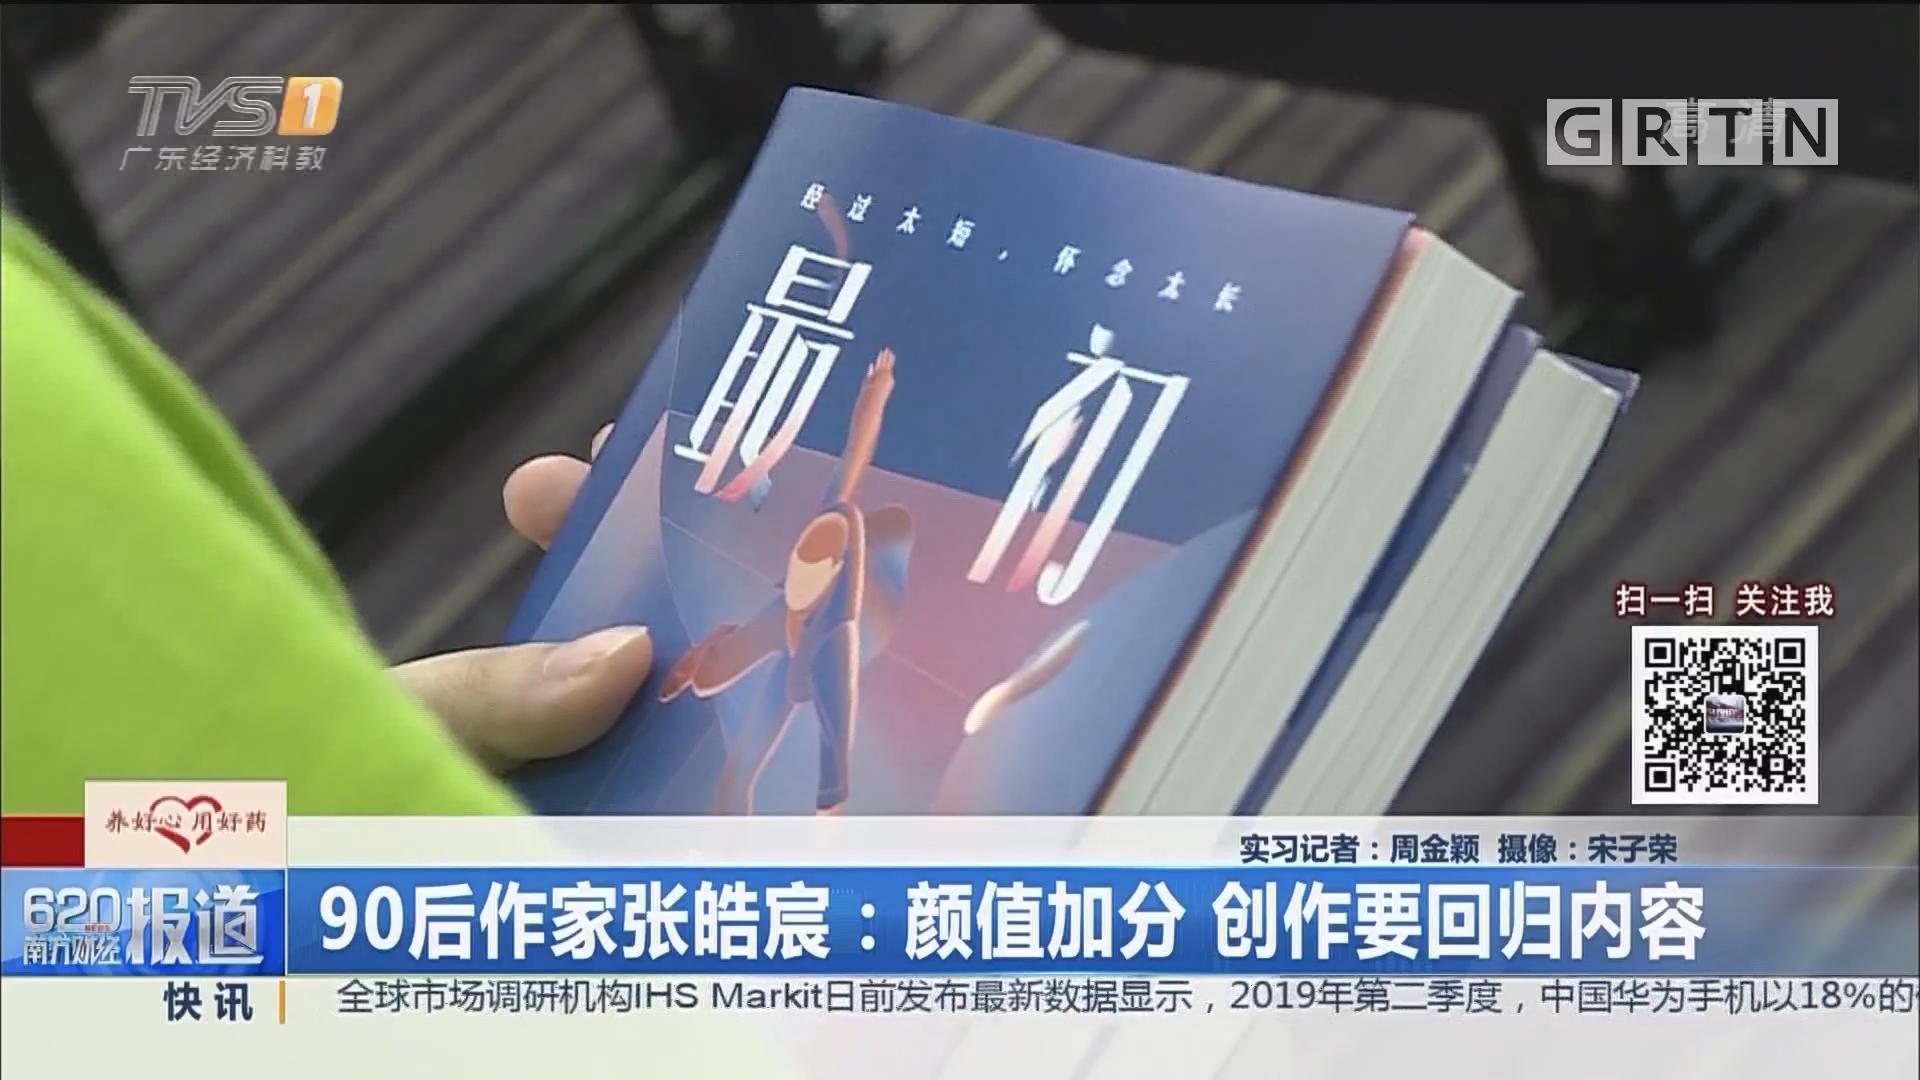 90后作家张皓宸:颜值加分 创作要回归内容